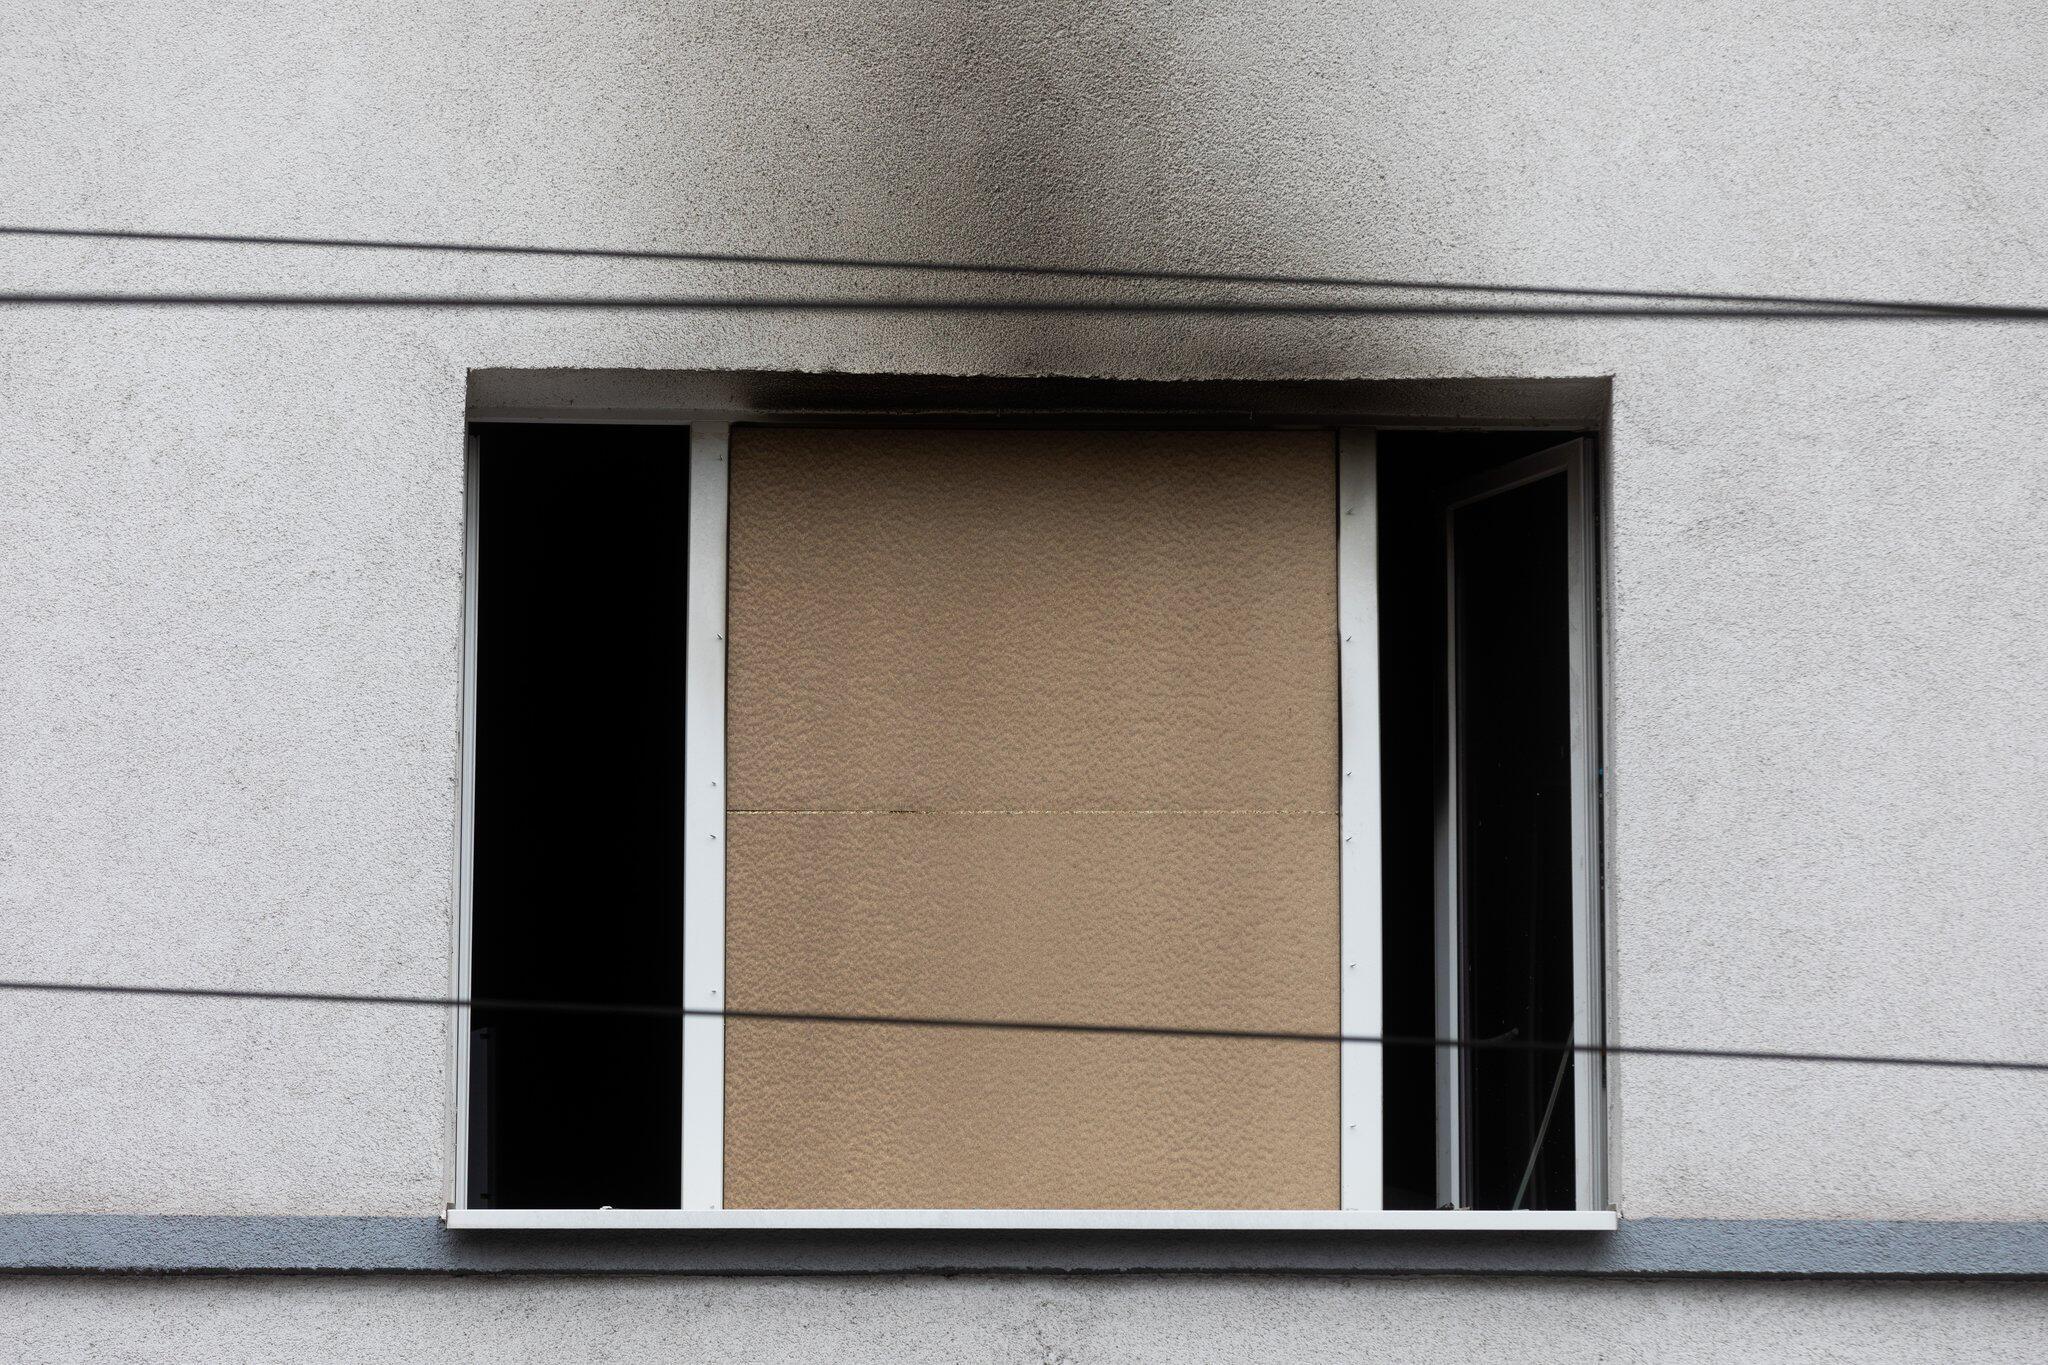 Bild zu Explosion in einem Wohnhaus in Düsseldorf